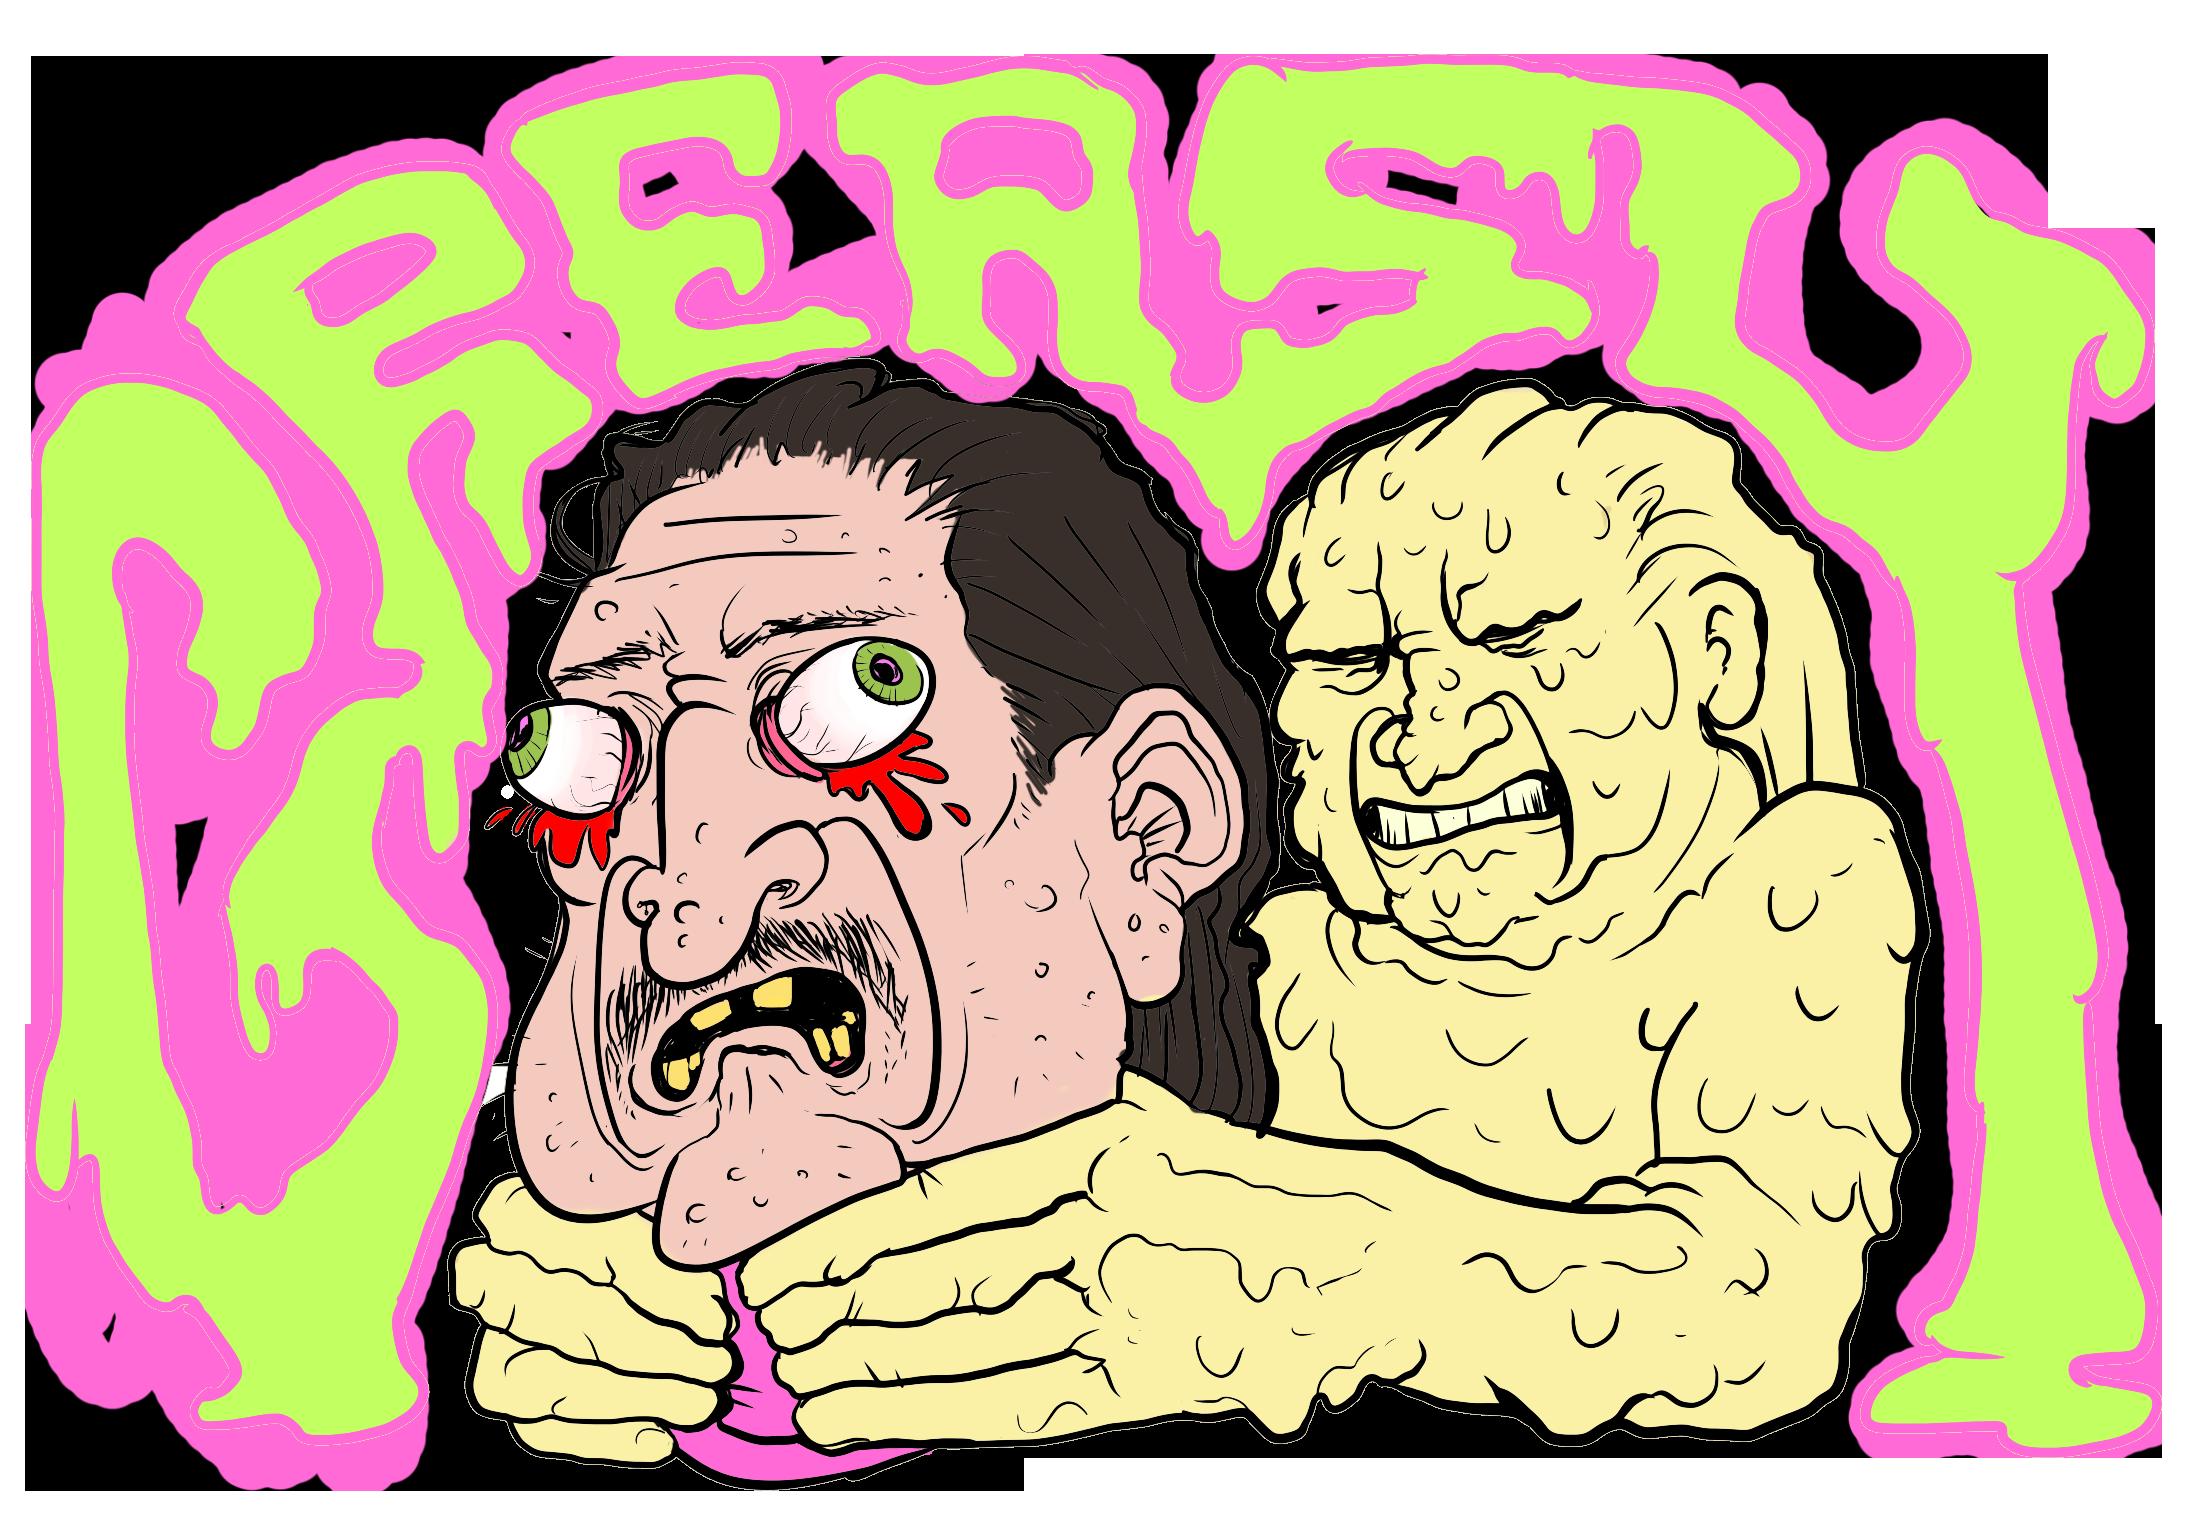 greasy-strangler